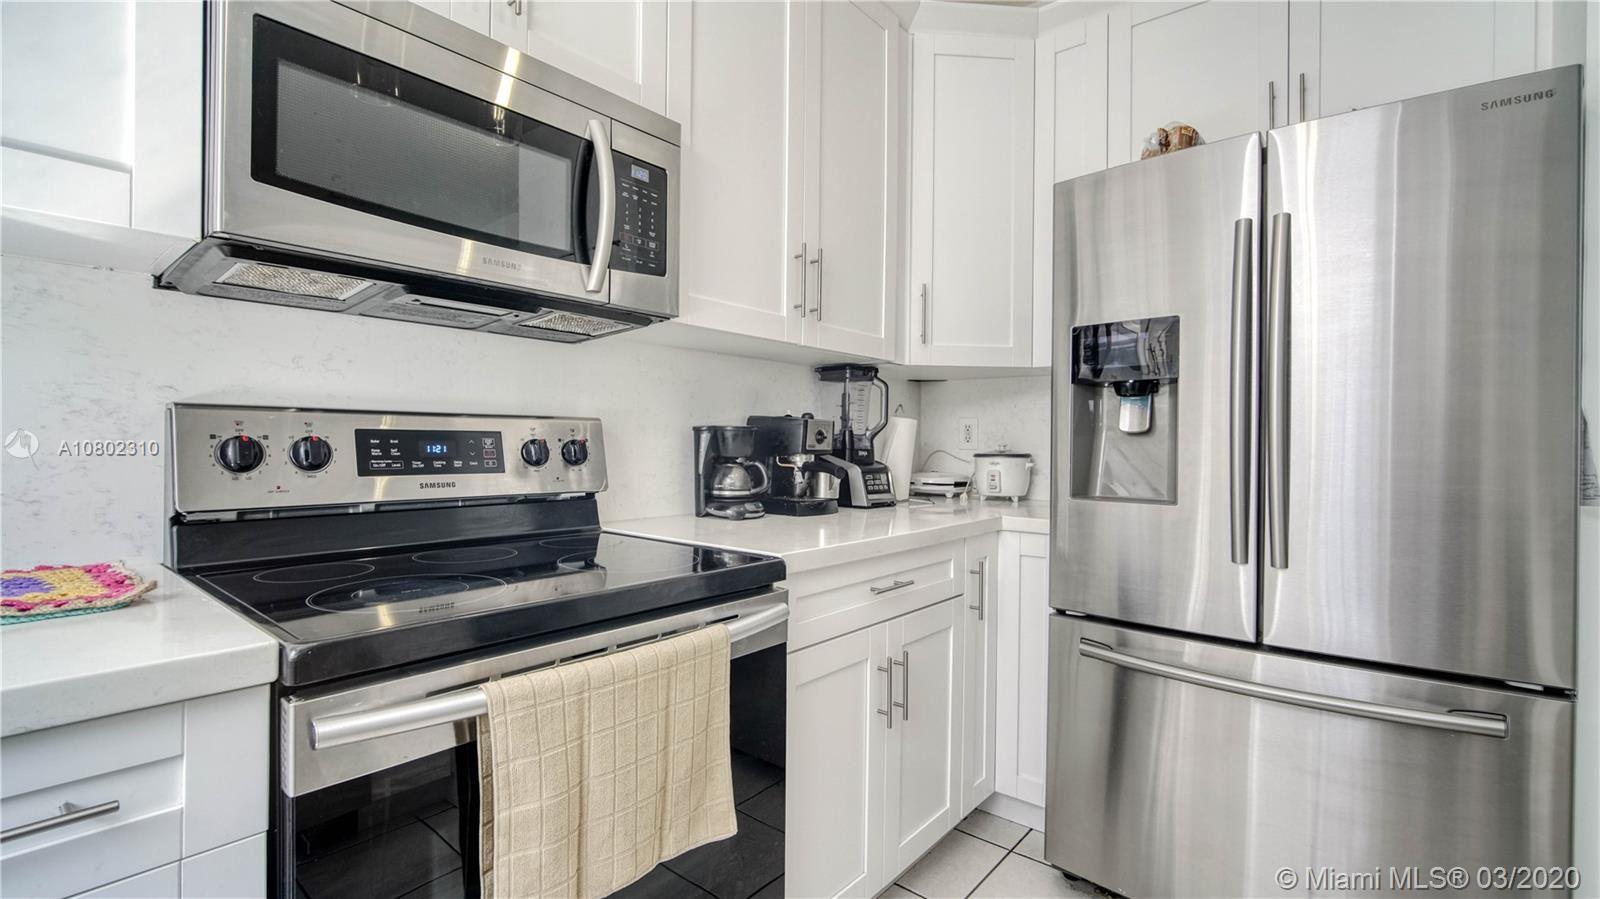 11476 NW 43rd Terrace #11476, Doral, FL 33178 - #: A10802310